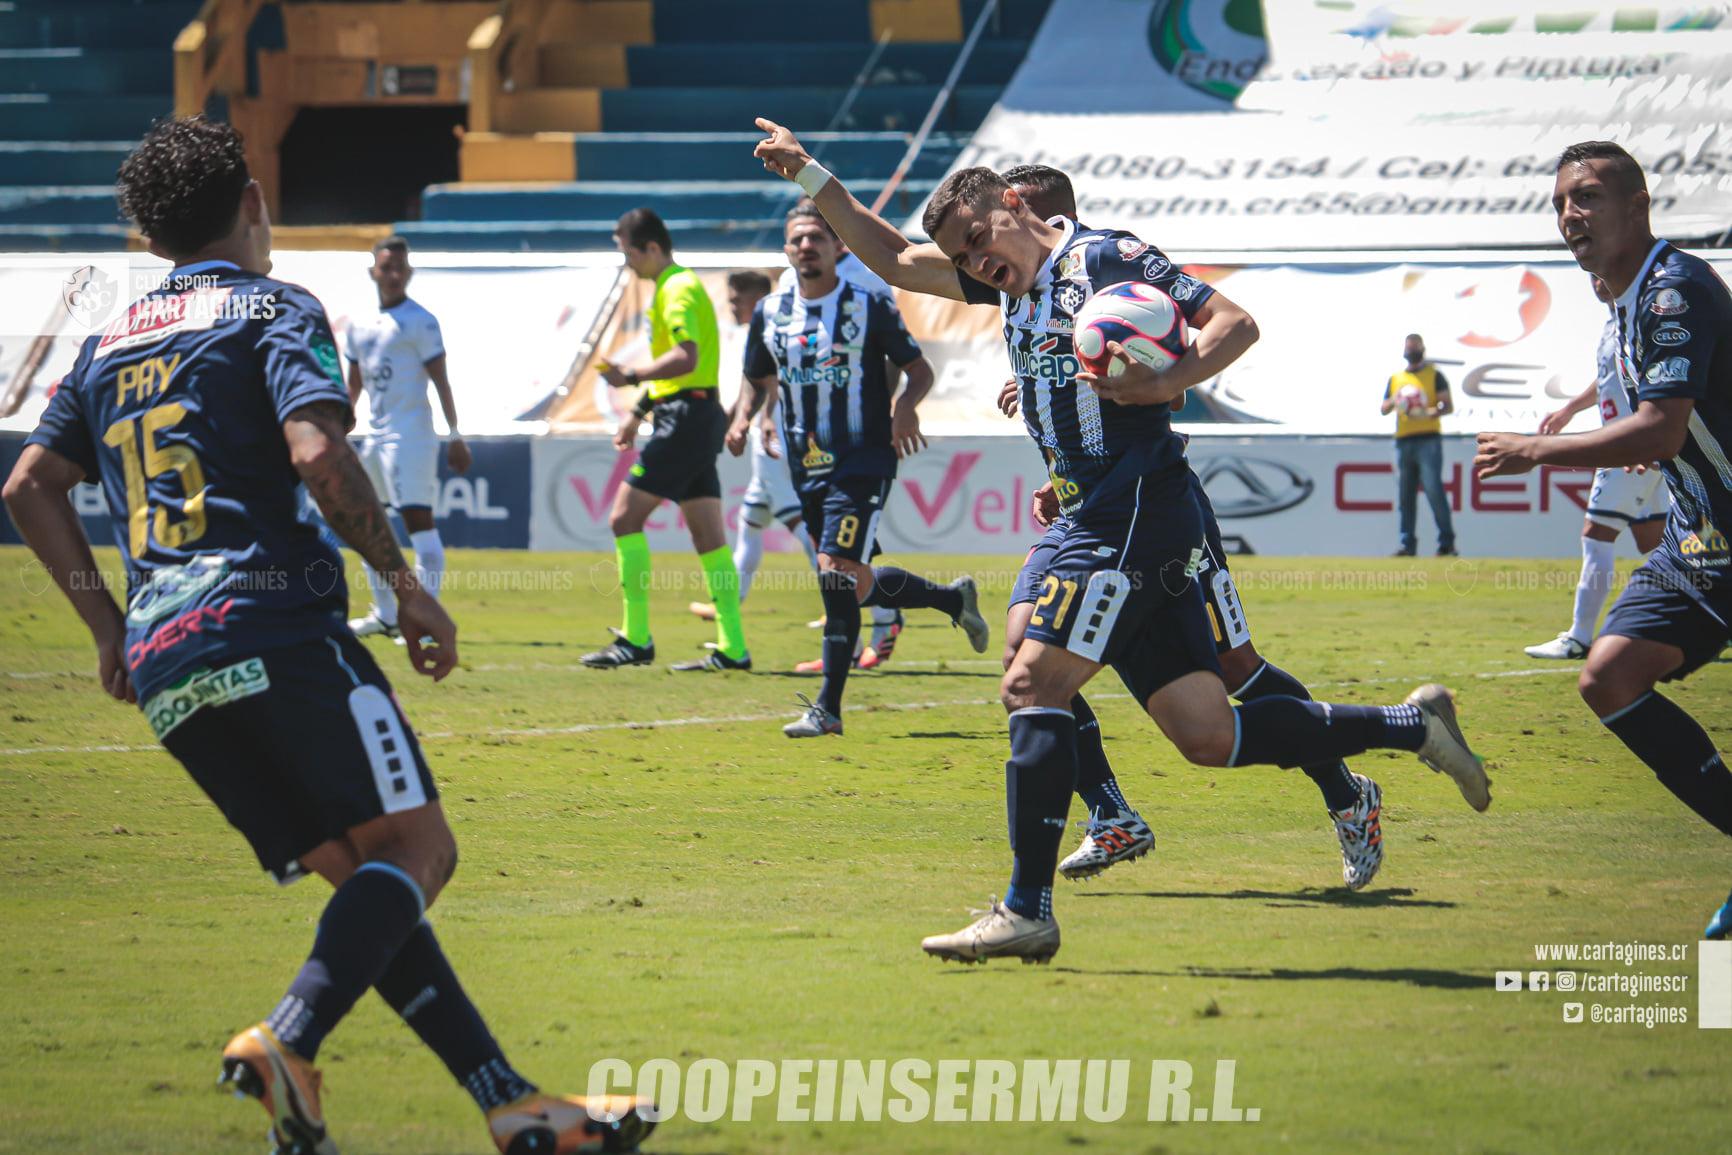 FUTV advierte que tomará acciones legales ante rumores que vinculan a Cartaginés con Tigo Sports.